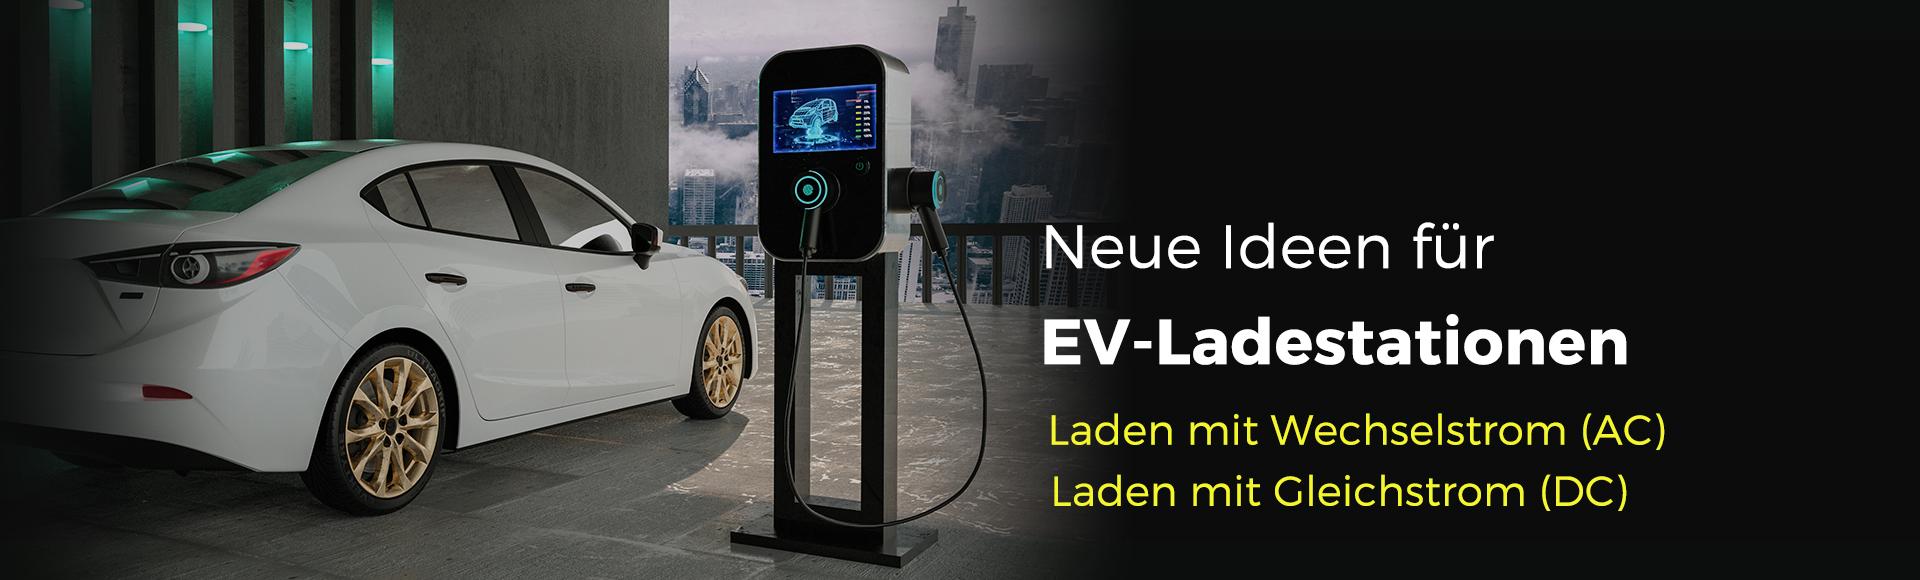 Neue Ideen für EV-Ladestationen